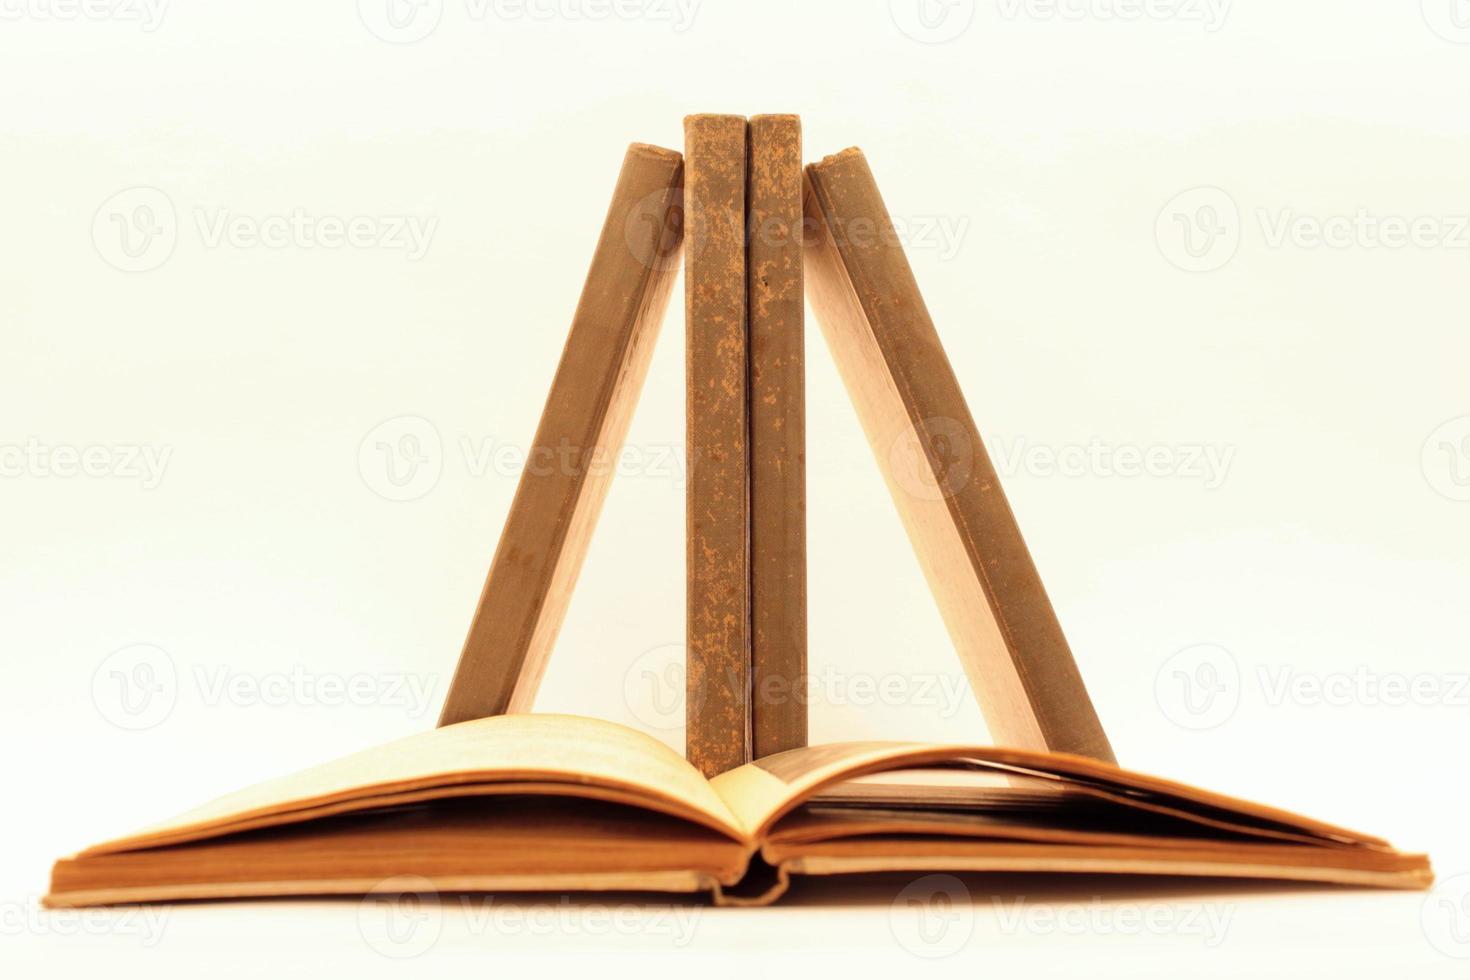 Books in equilibrium photo